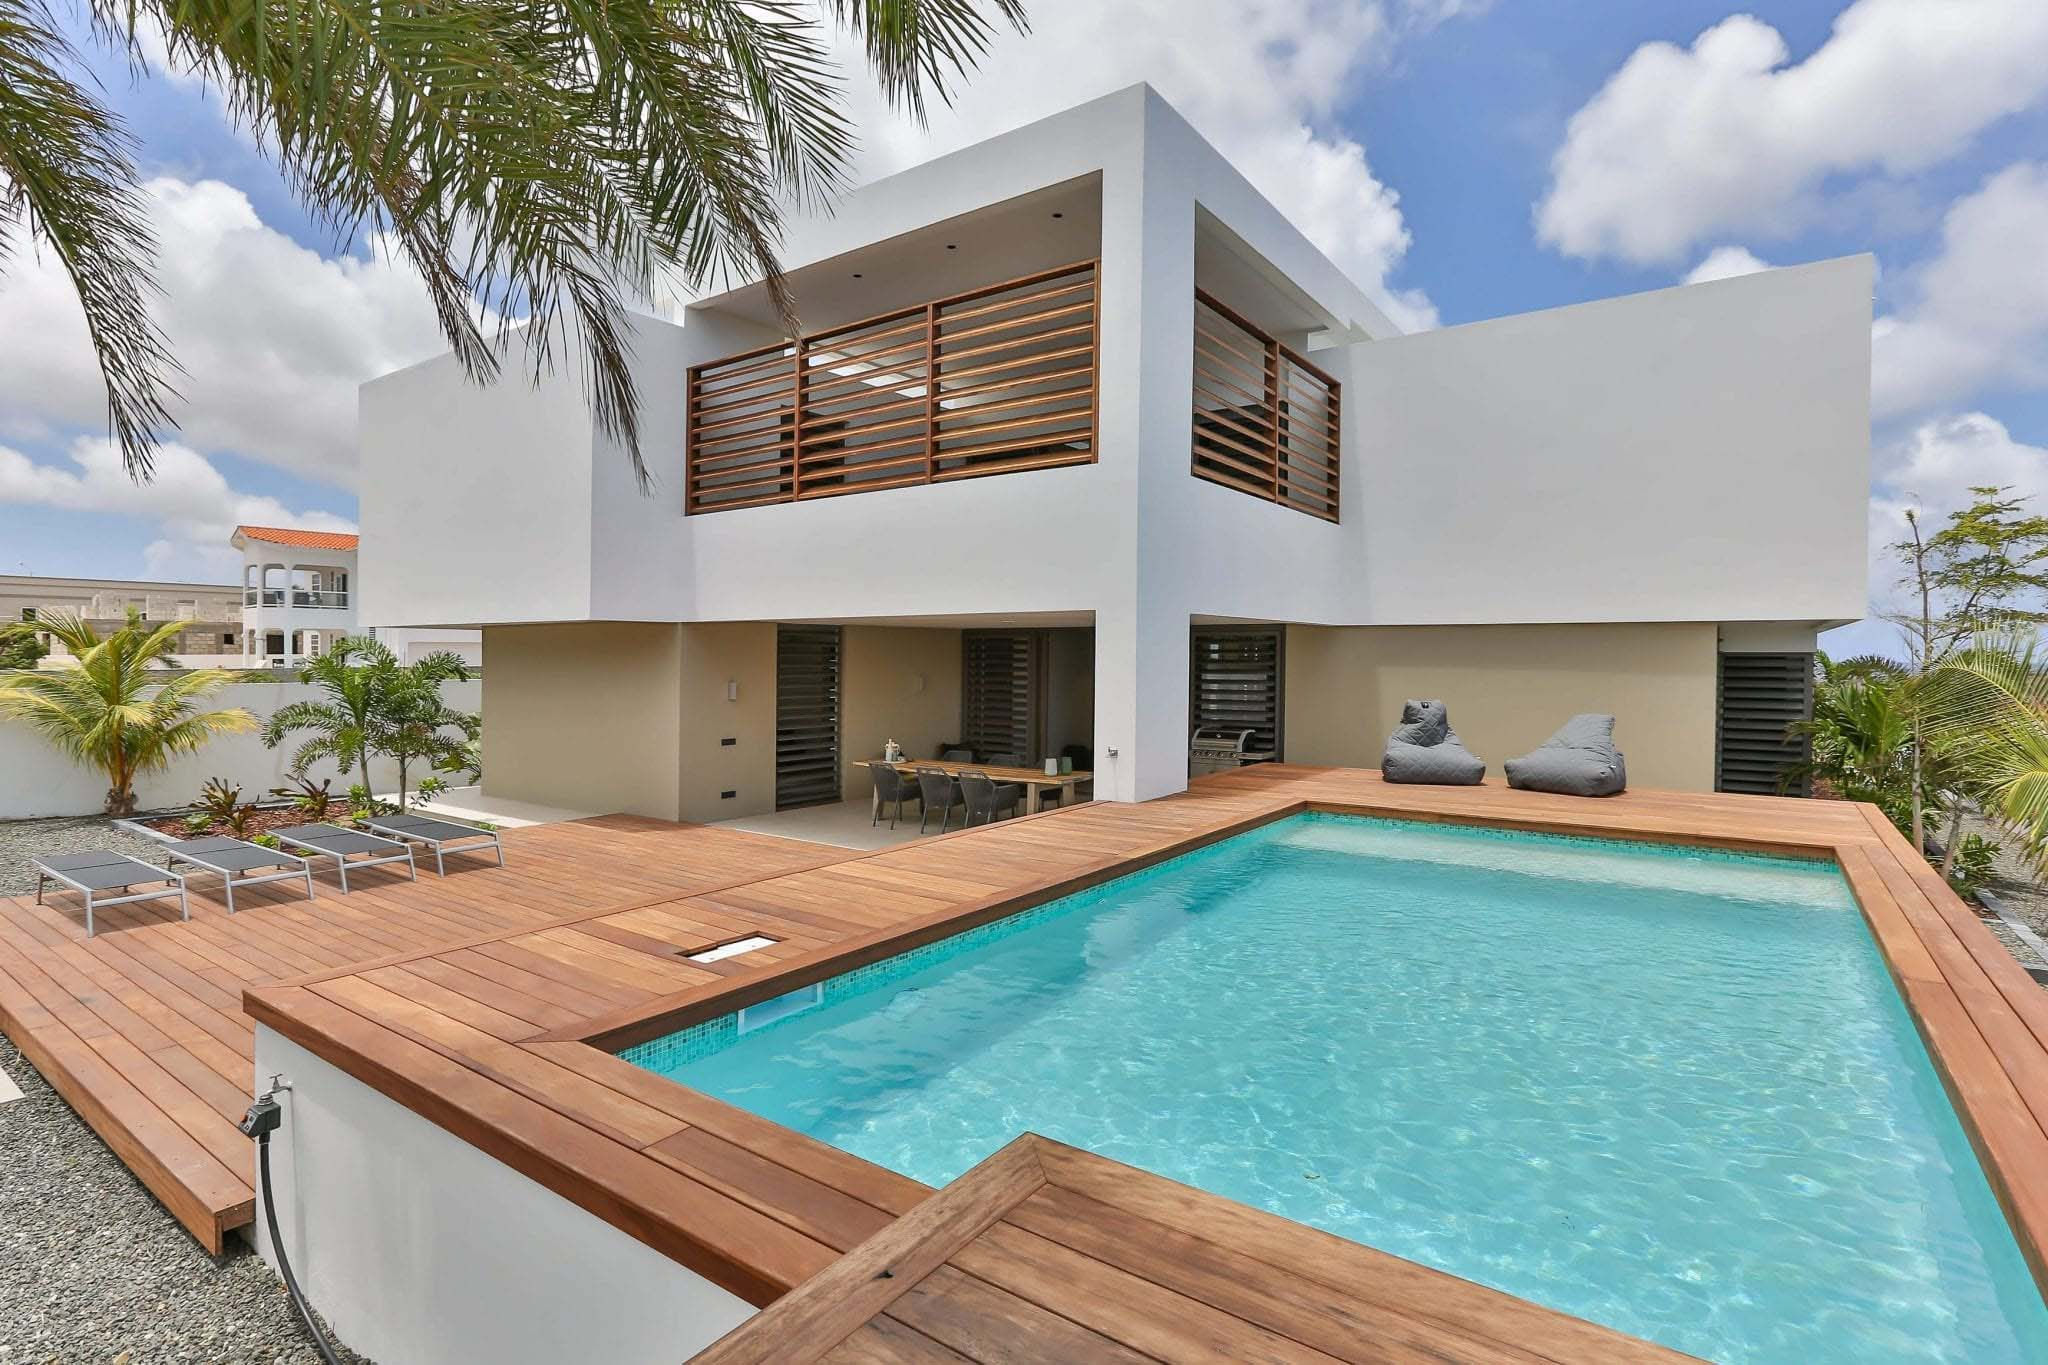 Riccavita Villa, in Curacao